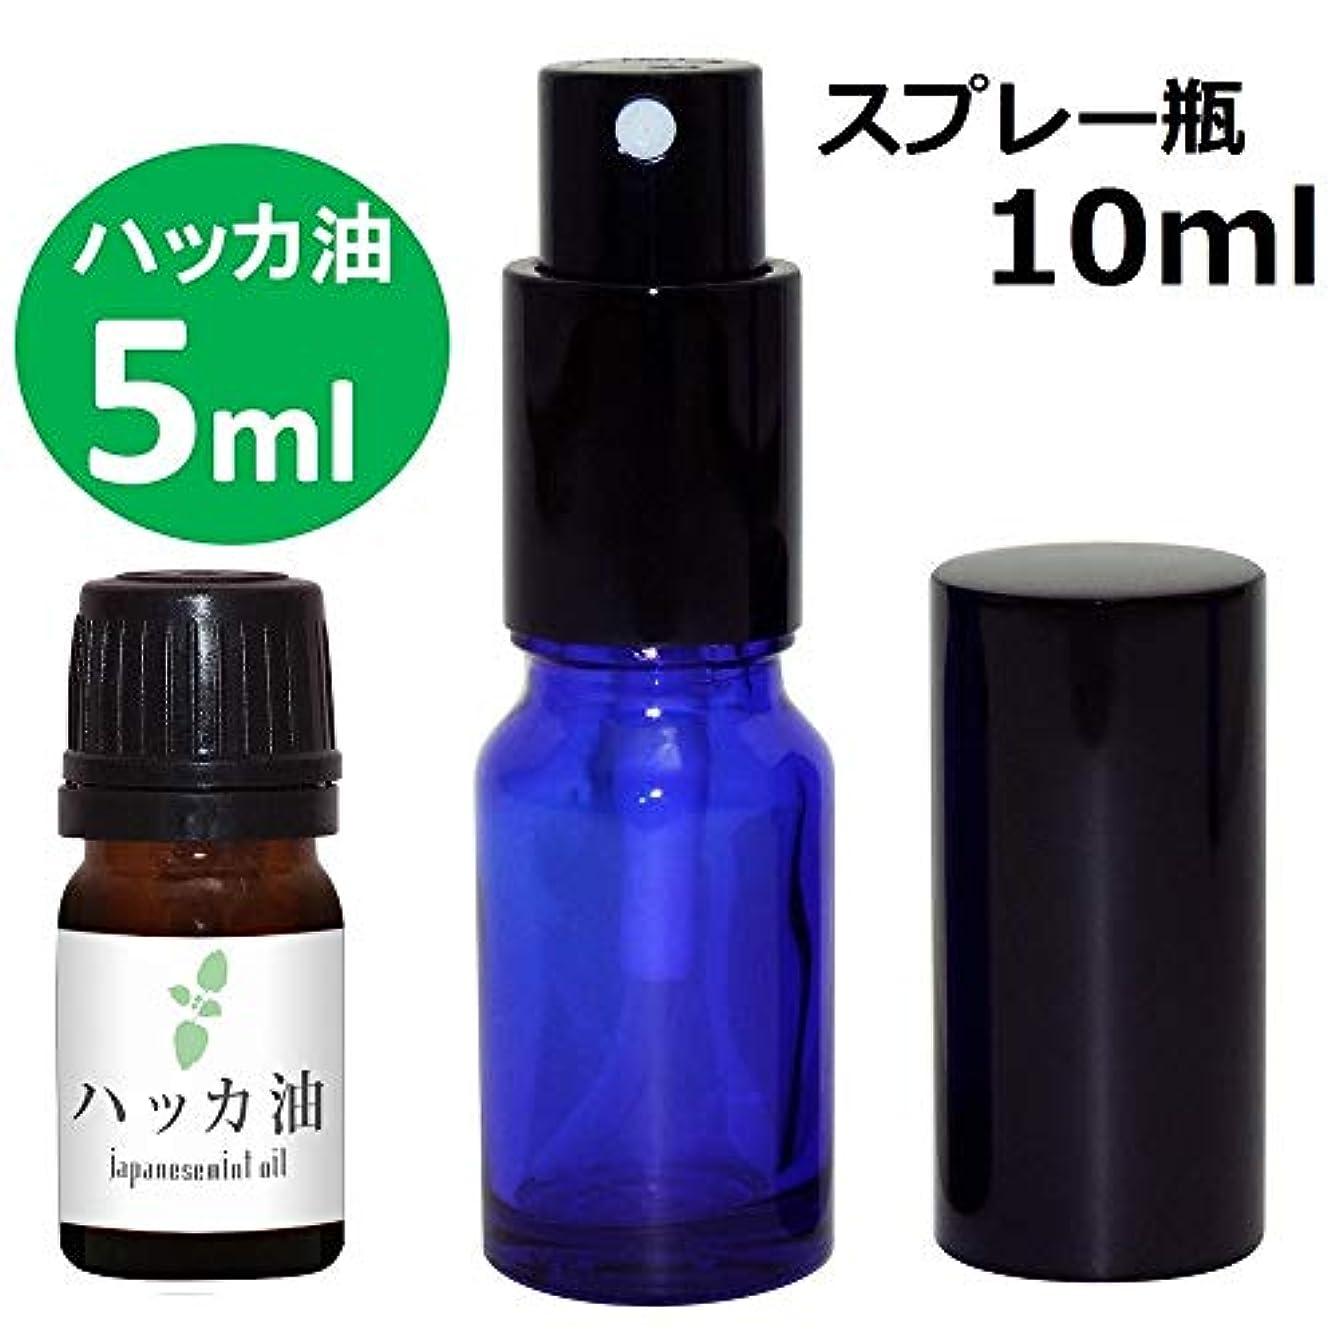 違う広がり答えガレージ?ゼロ ハッカ油 5ml(GZAK11)+ガラス瓶 スプレーボトル10ml/和種薄荷/ジャパニーズミント GSE532